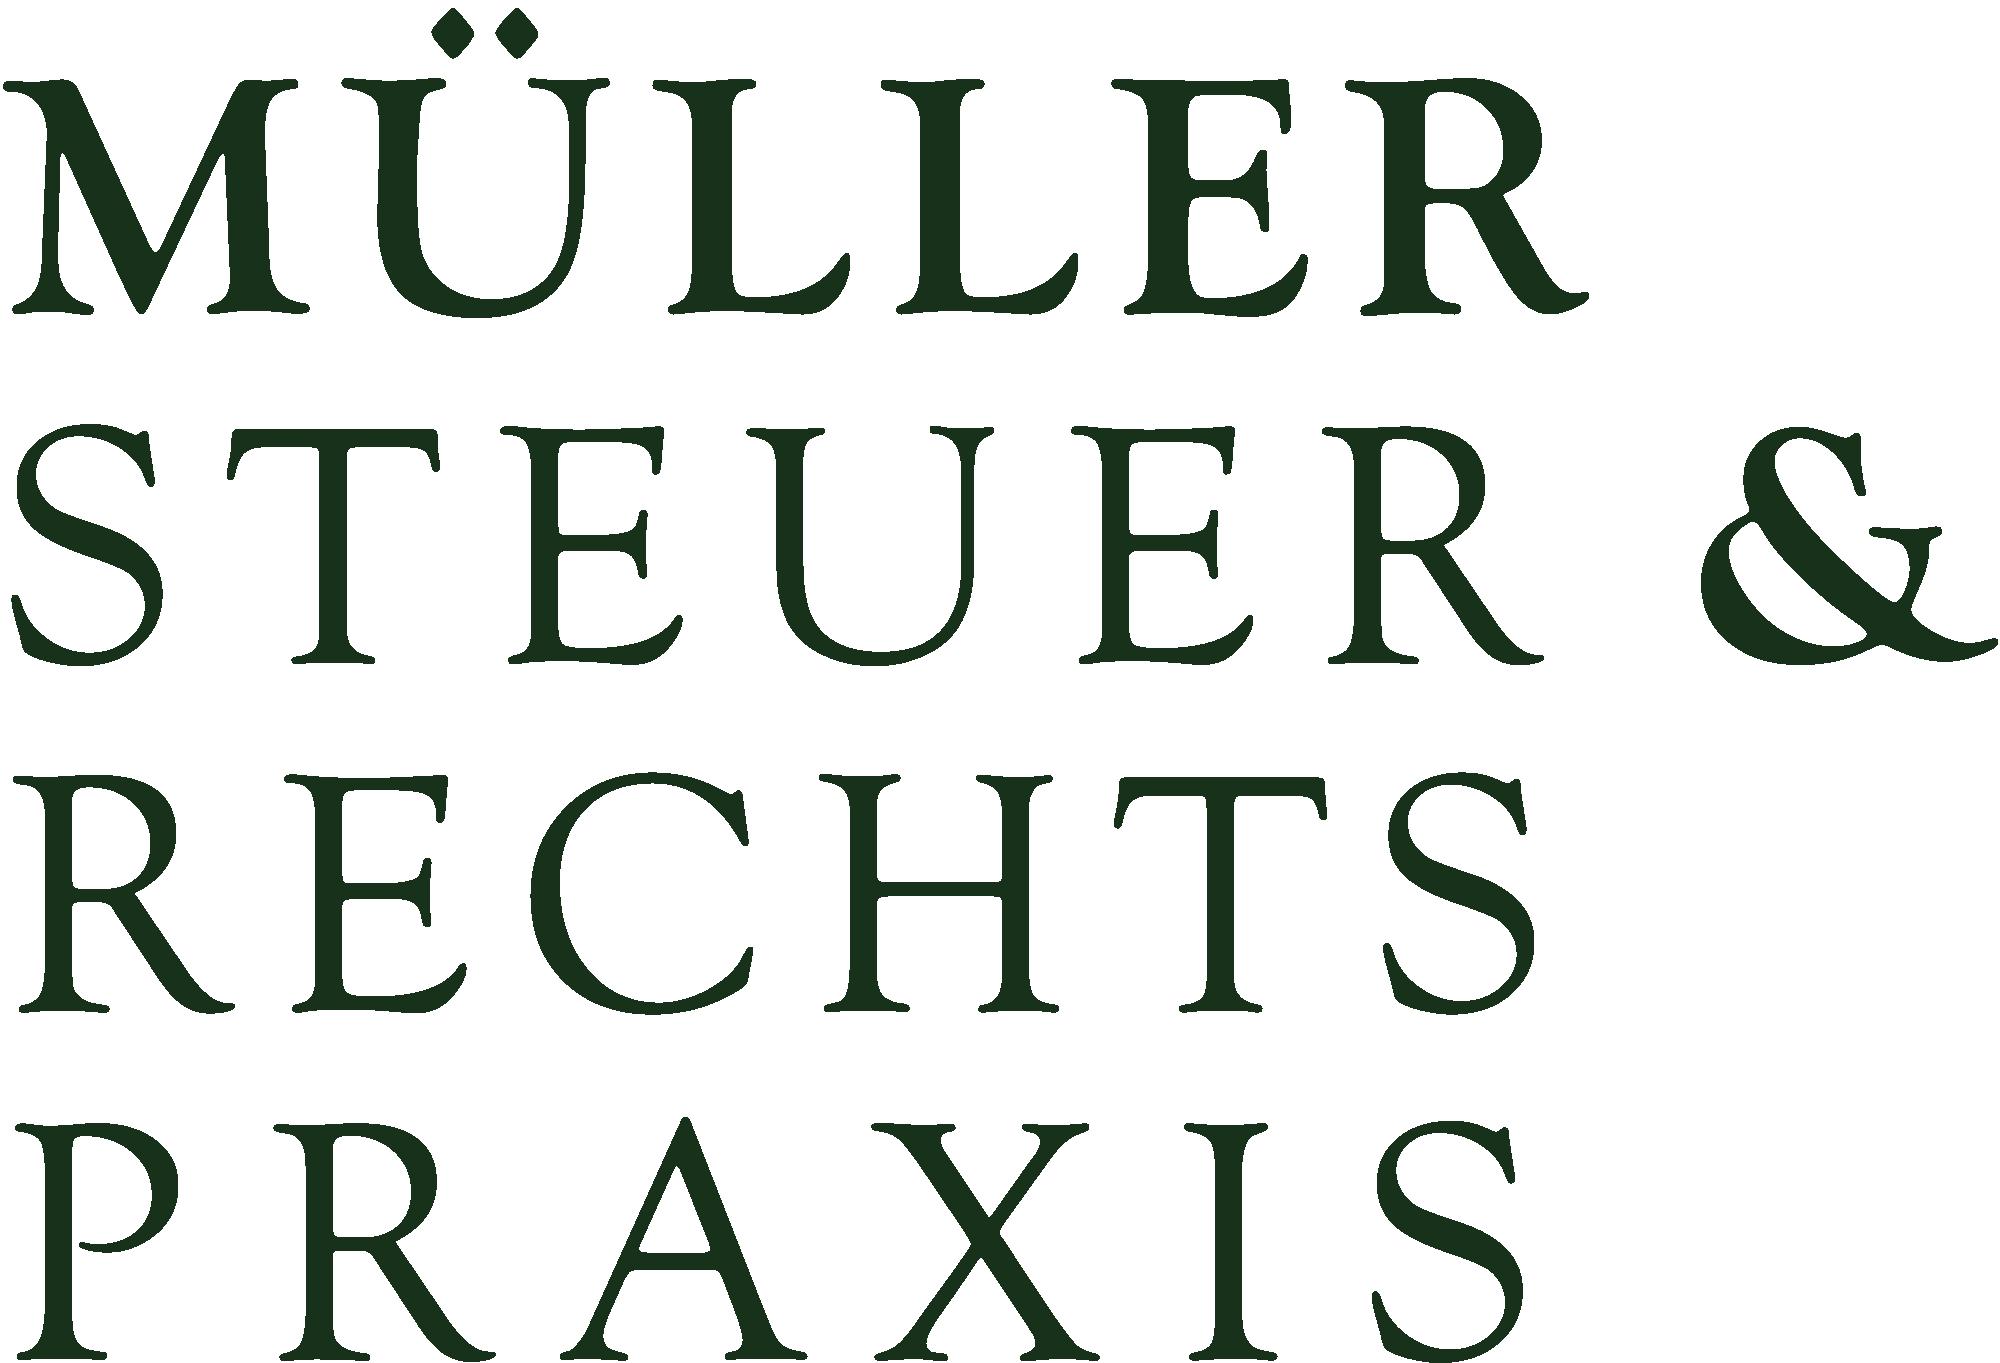 Müller Steuer- & Rechtspraxis